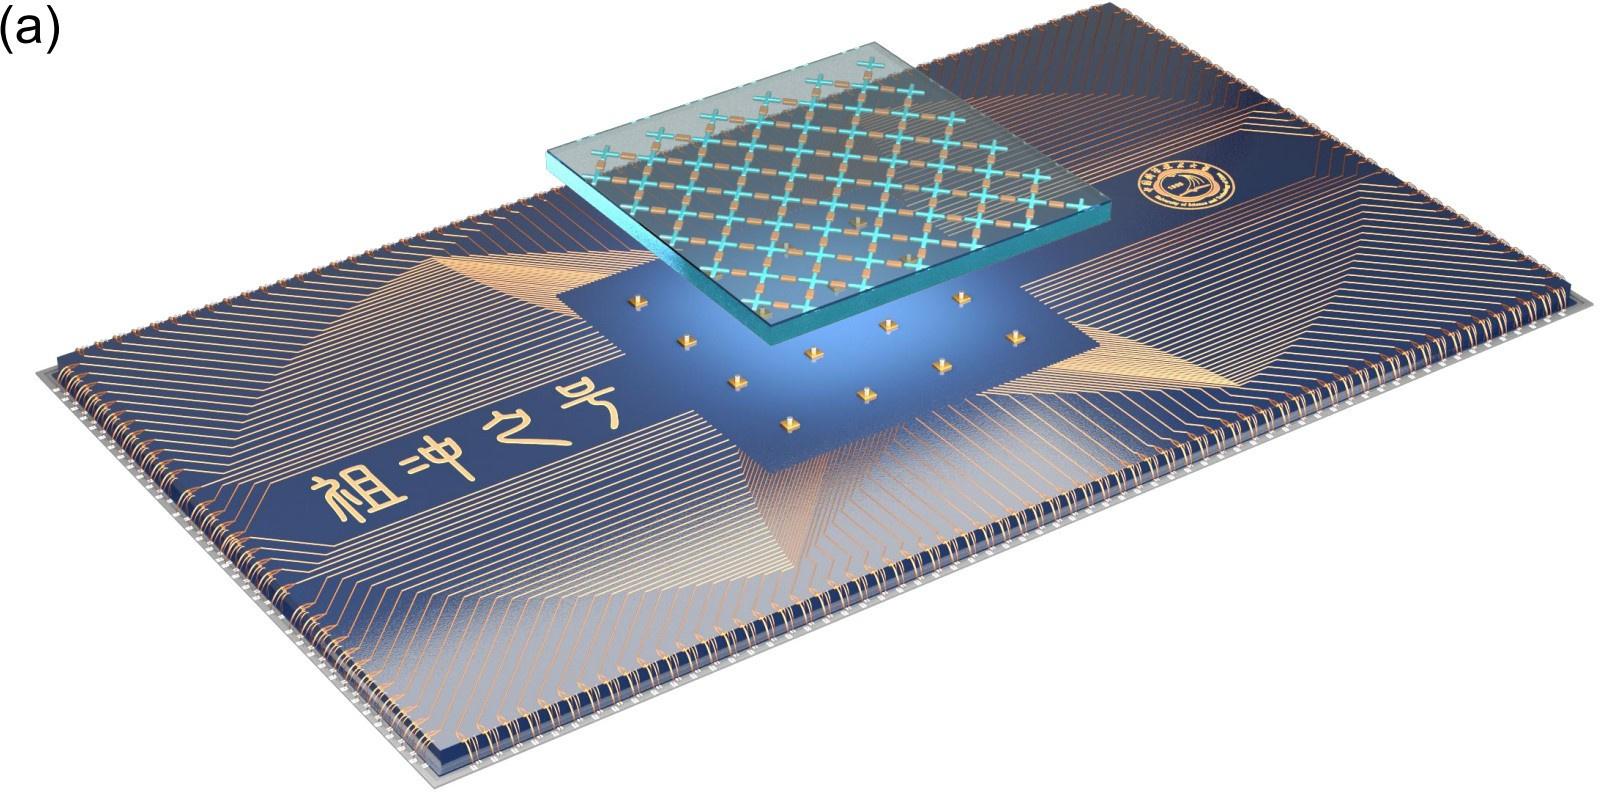 У Китаї створили квантовий комп'ютер Zuchongzhi. Він, імовірно, є найпотужнішим у світі